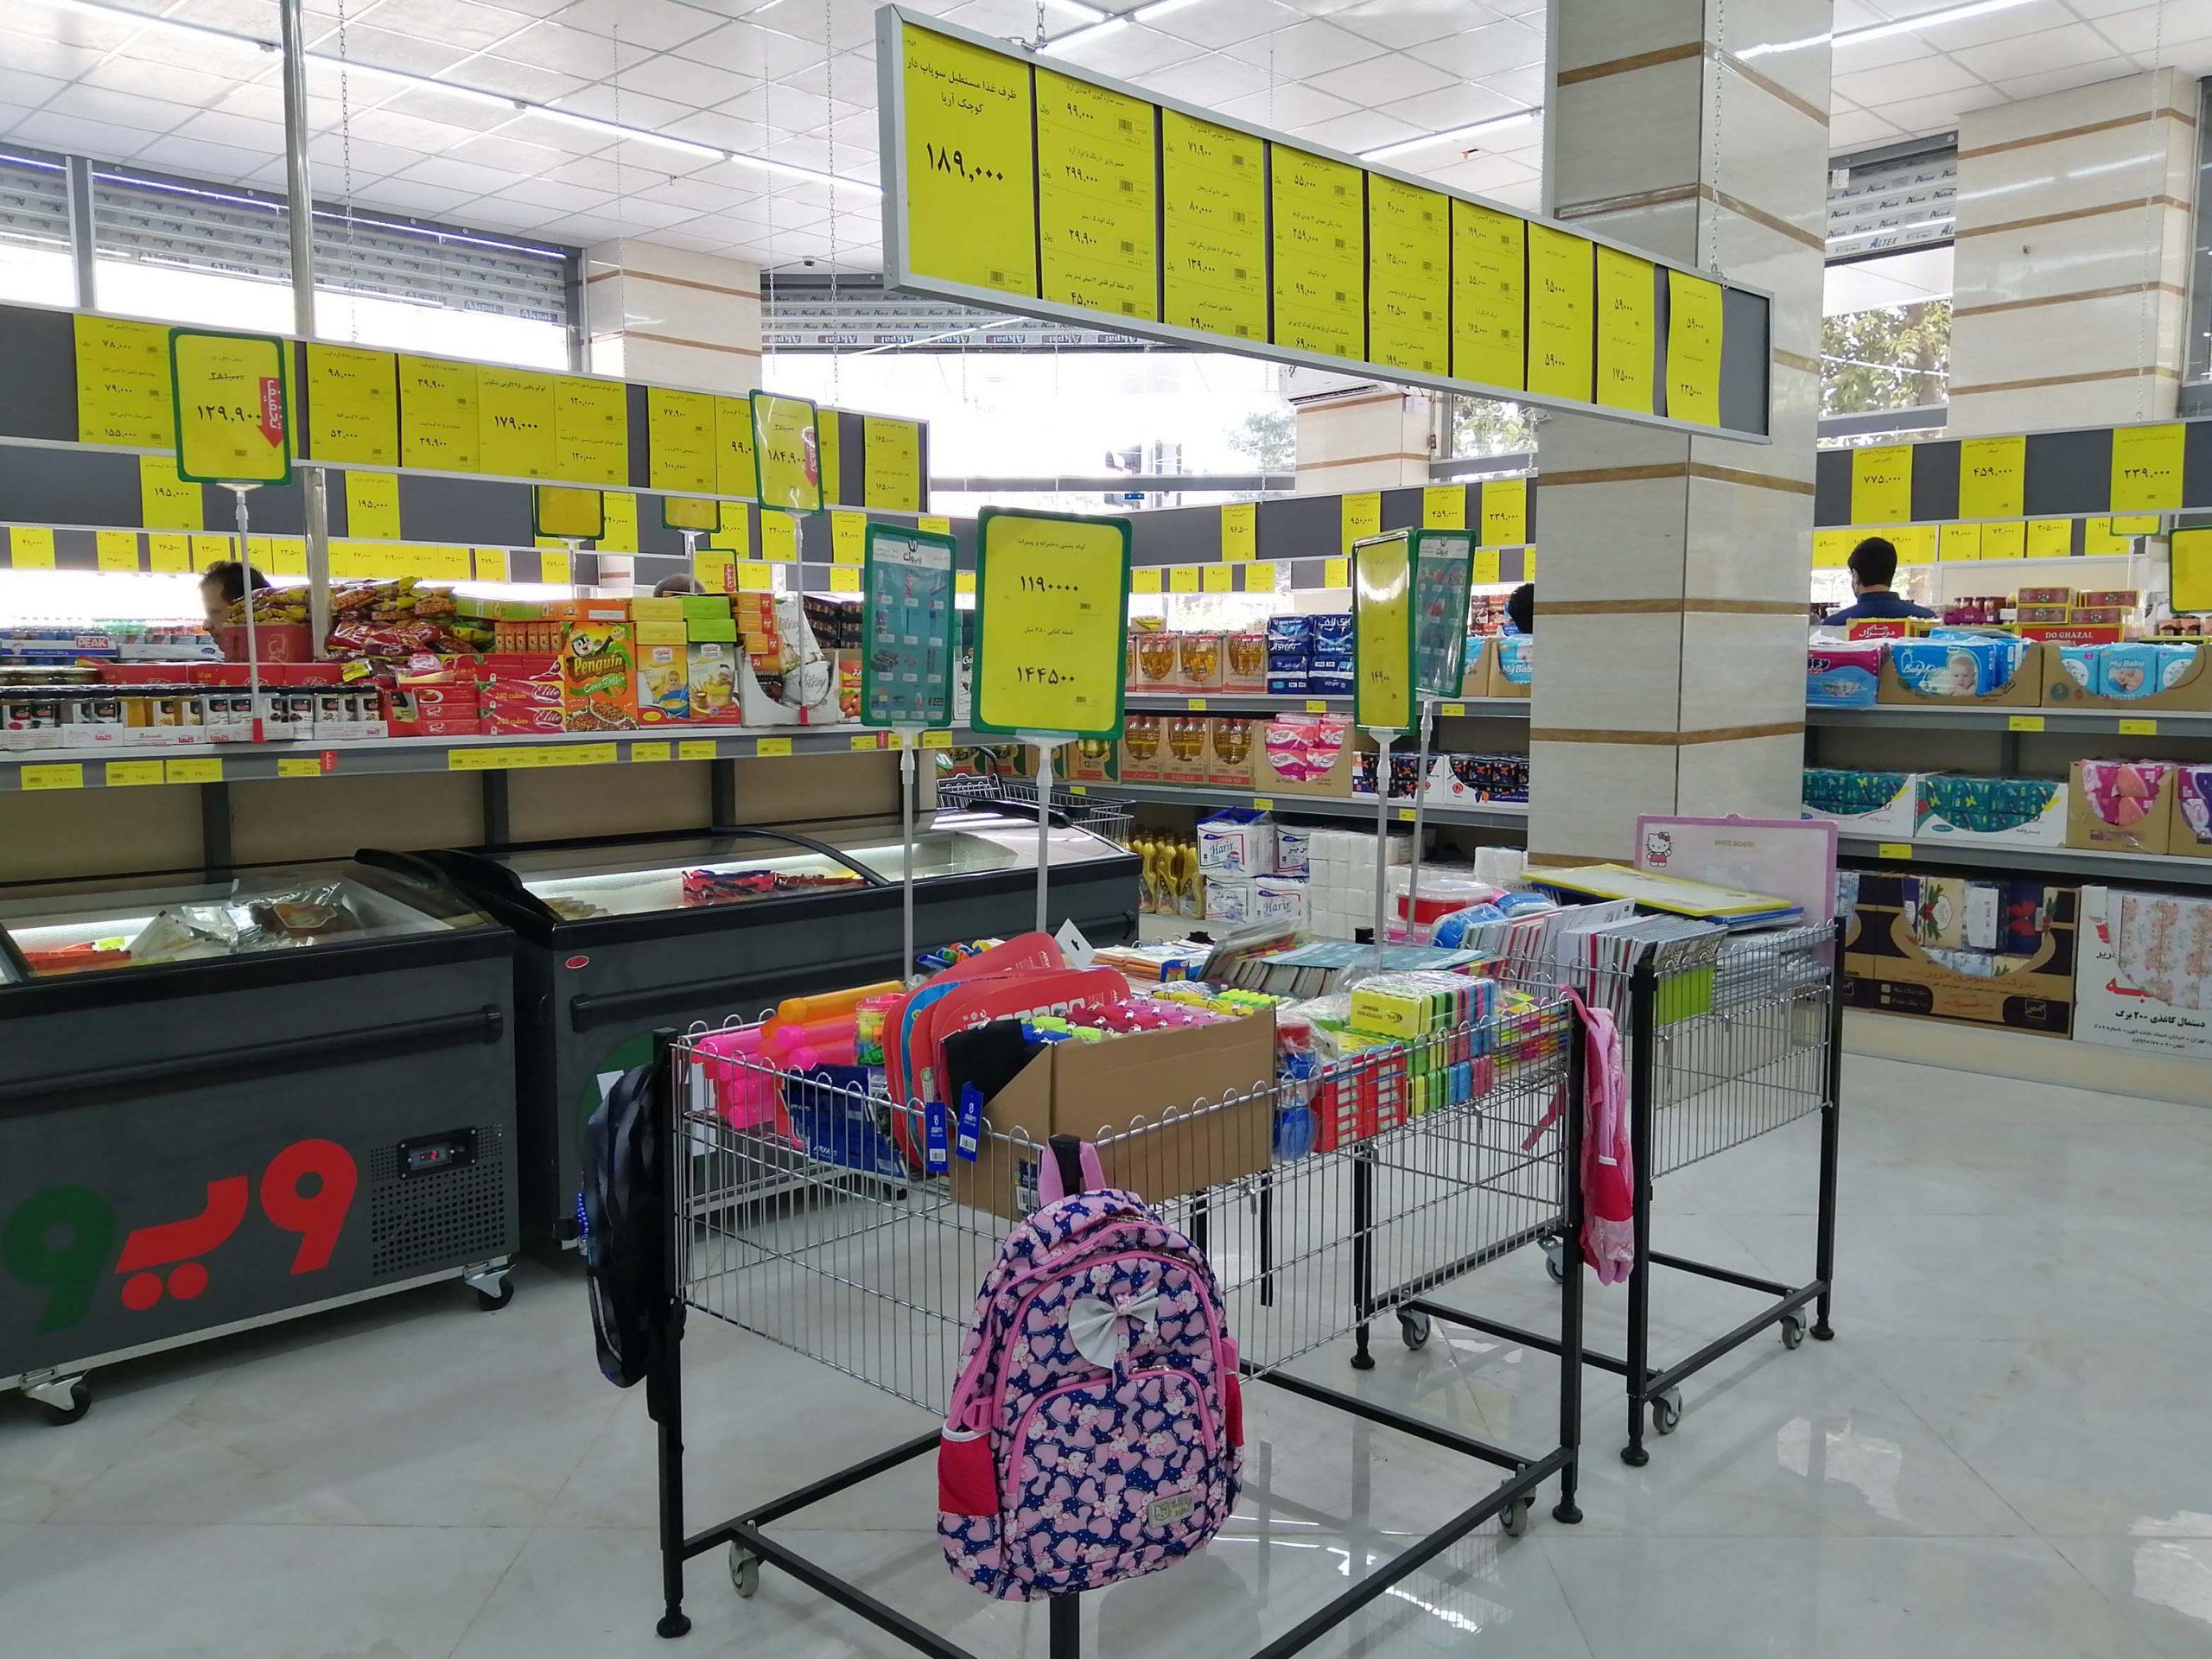 افتتاح شعبه خانی آباد-صمدی فروشگاه های زنجیره ای ویوان